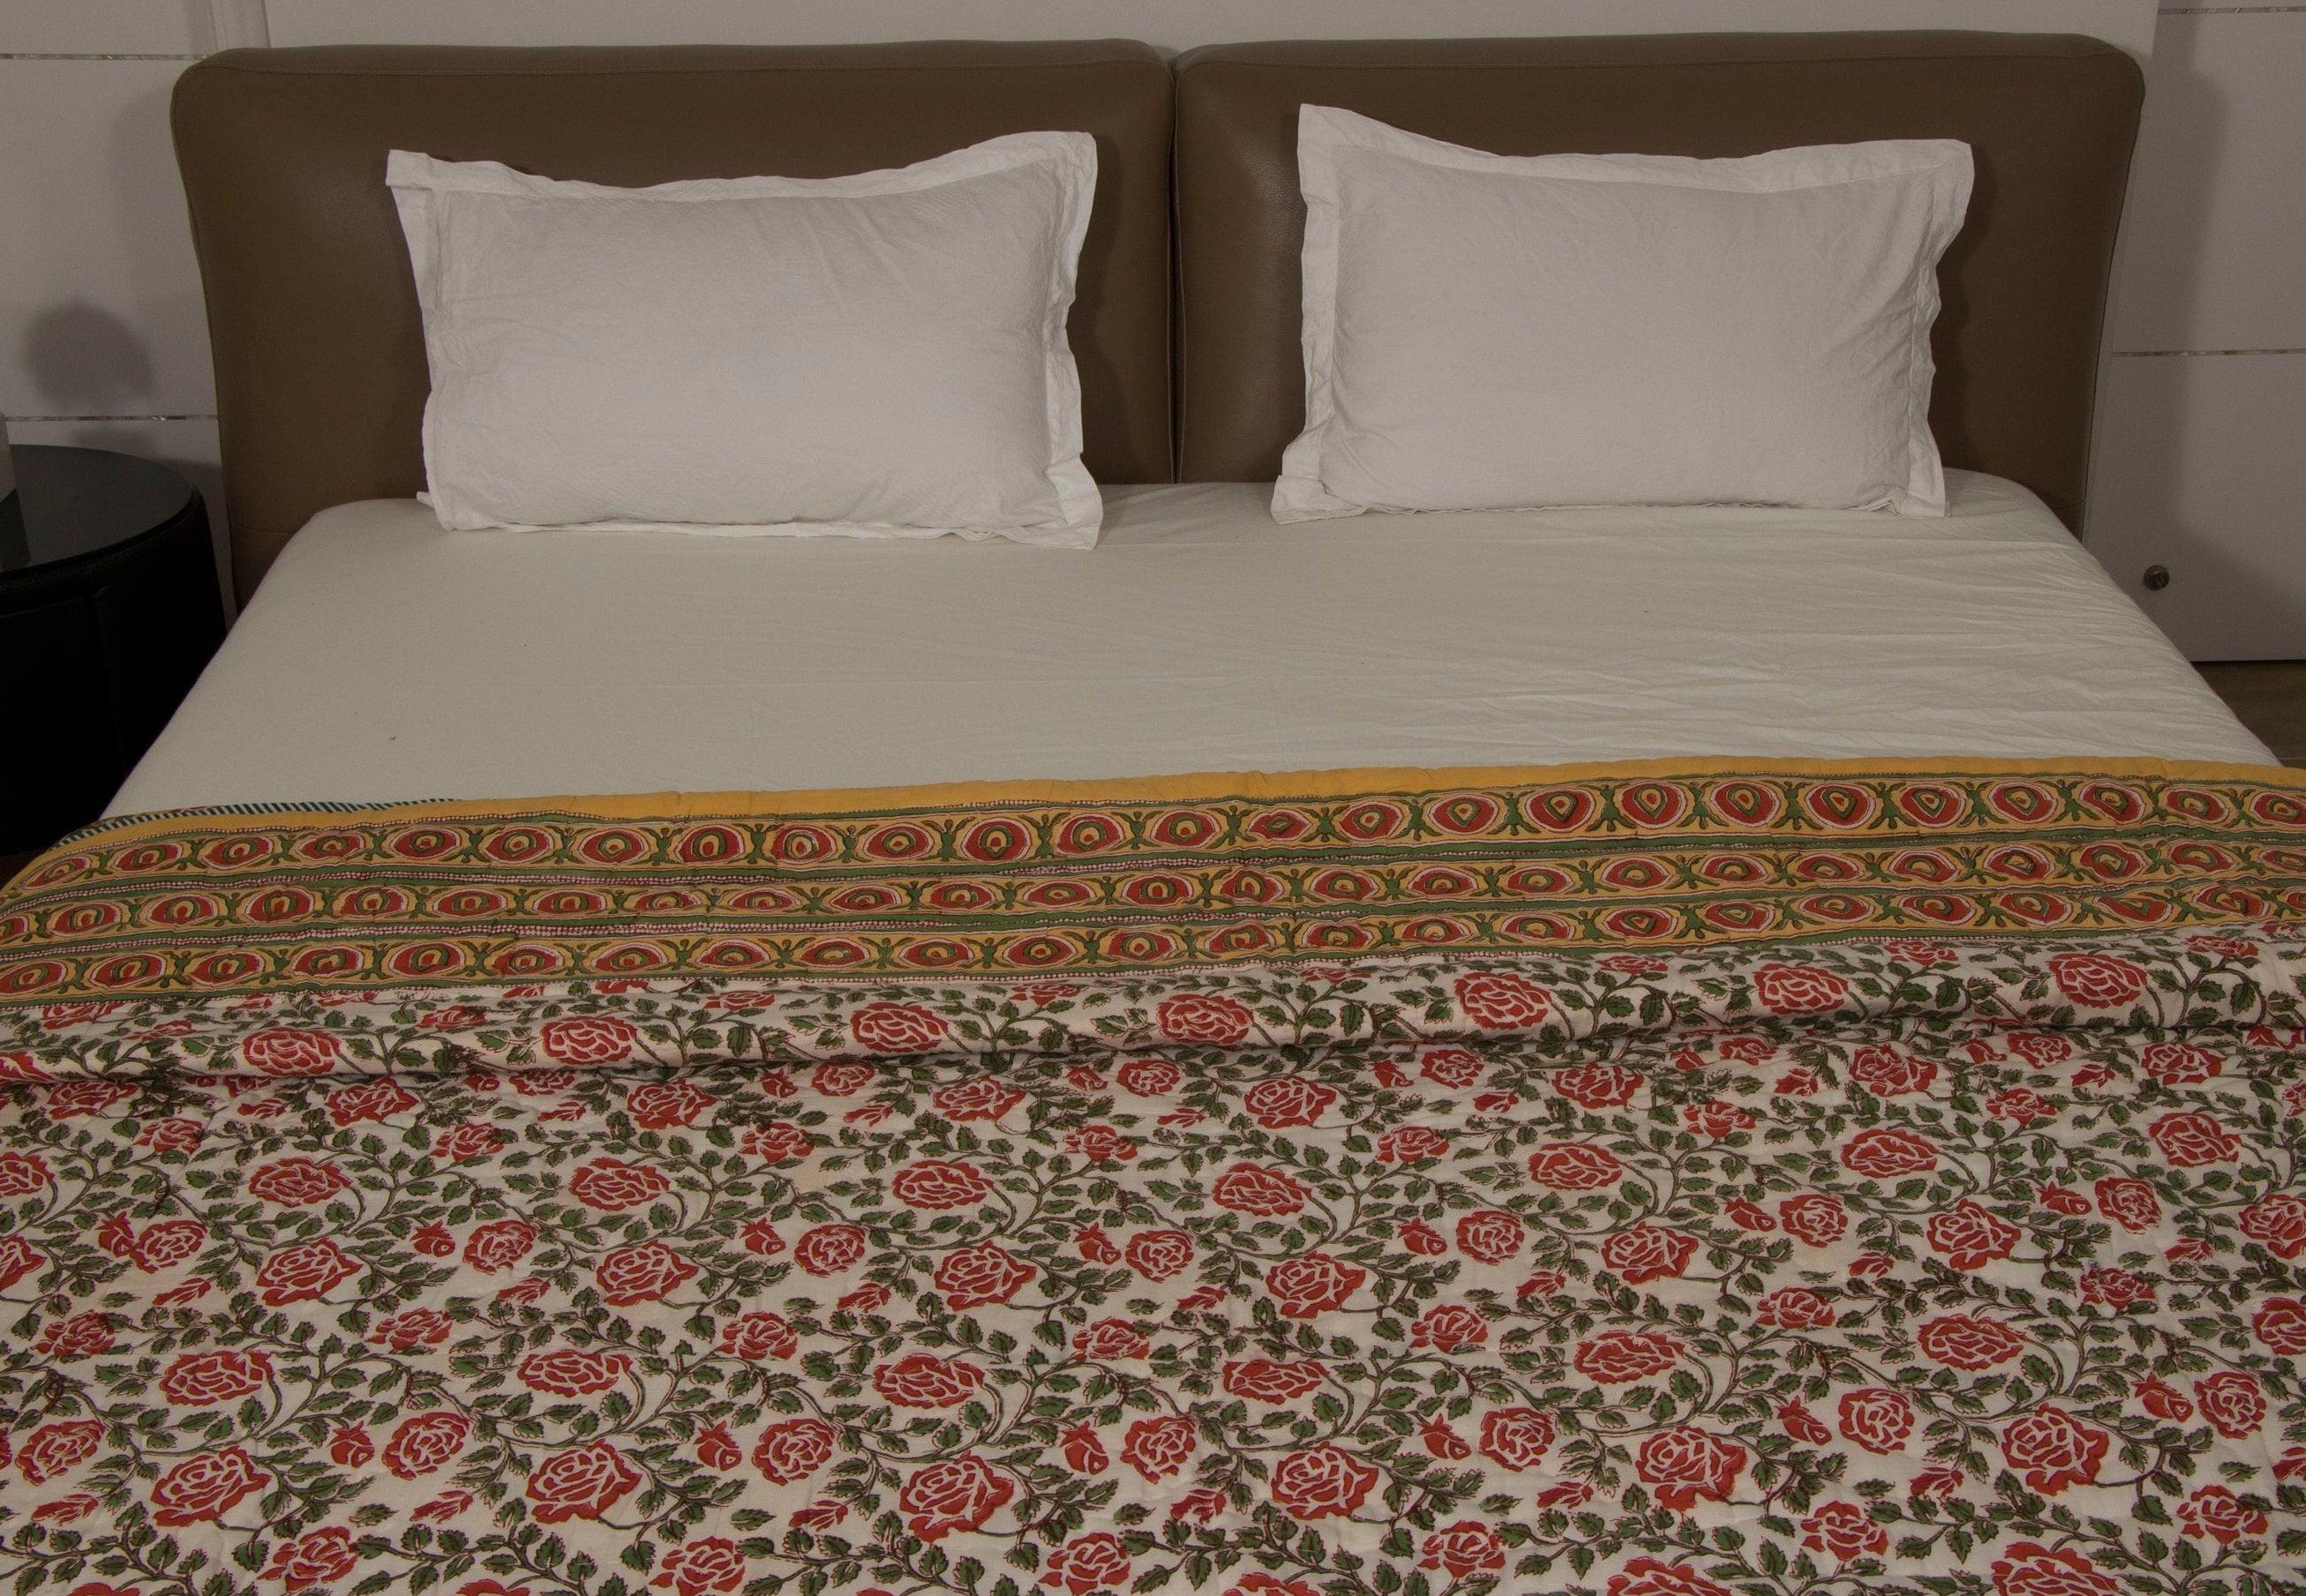 """Quilt Comforter- Block-printed Floral Quilt avec bordure - Floral Quilt - QUEEN SIZE 90» x 108""""réversible Blanket Coverlet"""